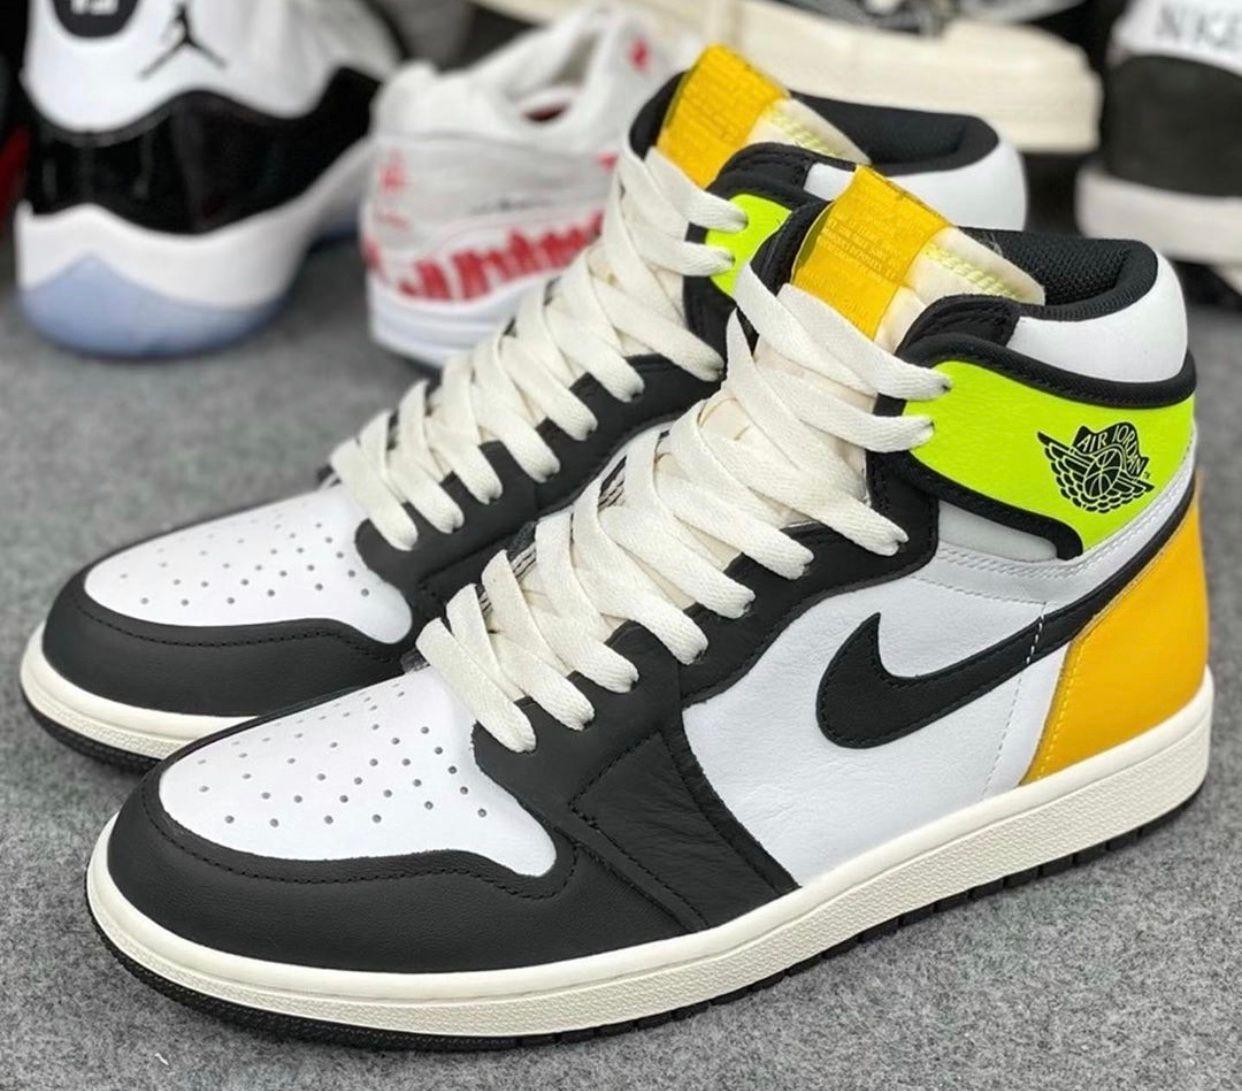 Air Jordan 1 'Volt/Gold'